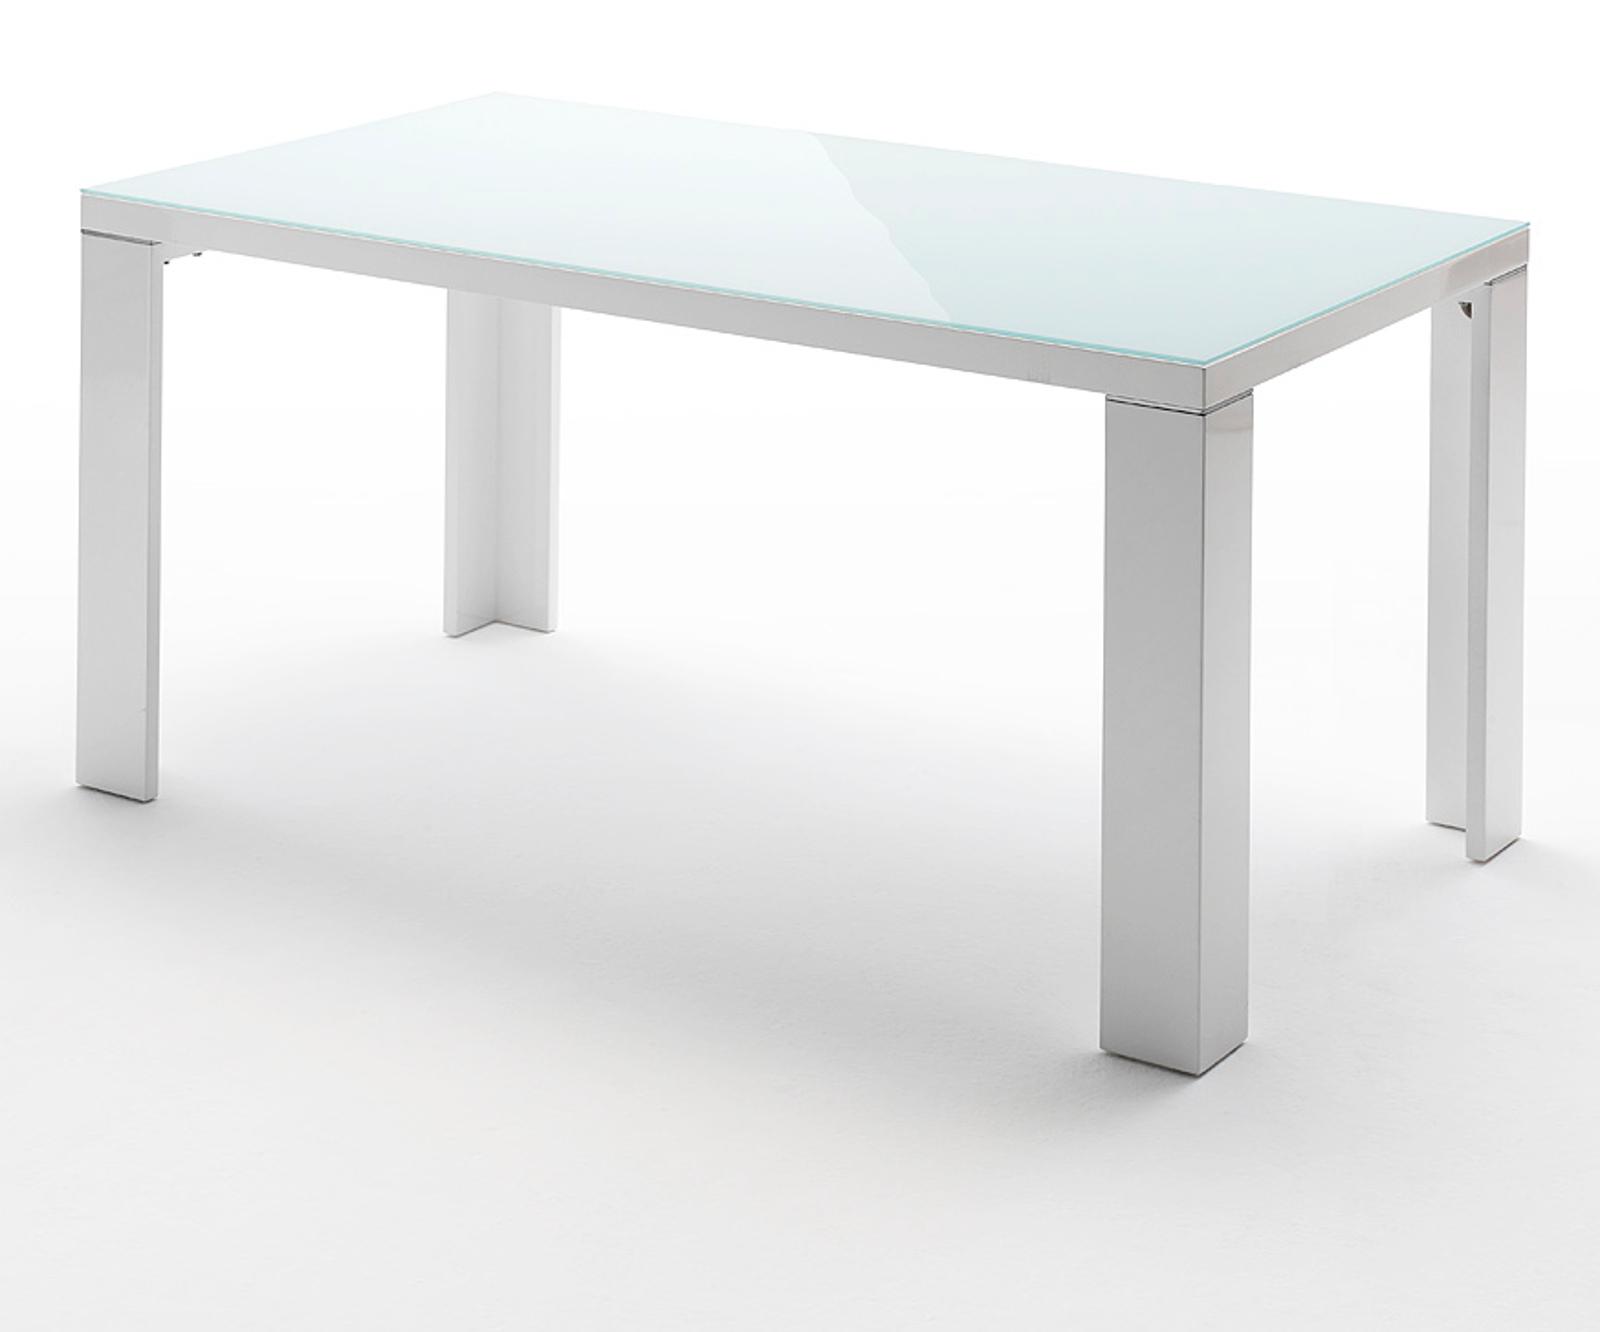 esstisch tizio hochglanz wei lack und glas 140 cm. Black Bedroom Furniture Sets. Home Design Ideas